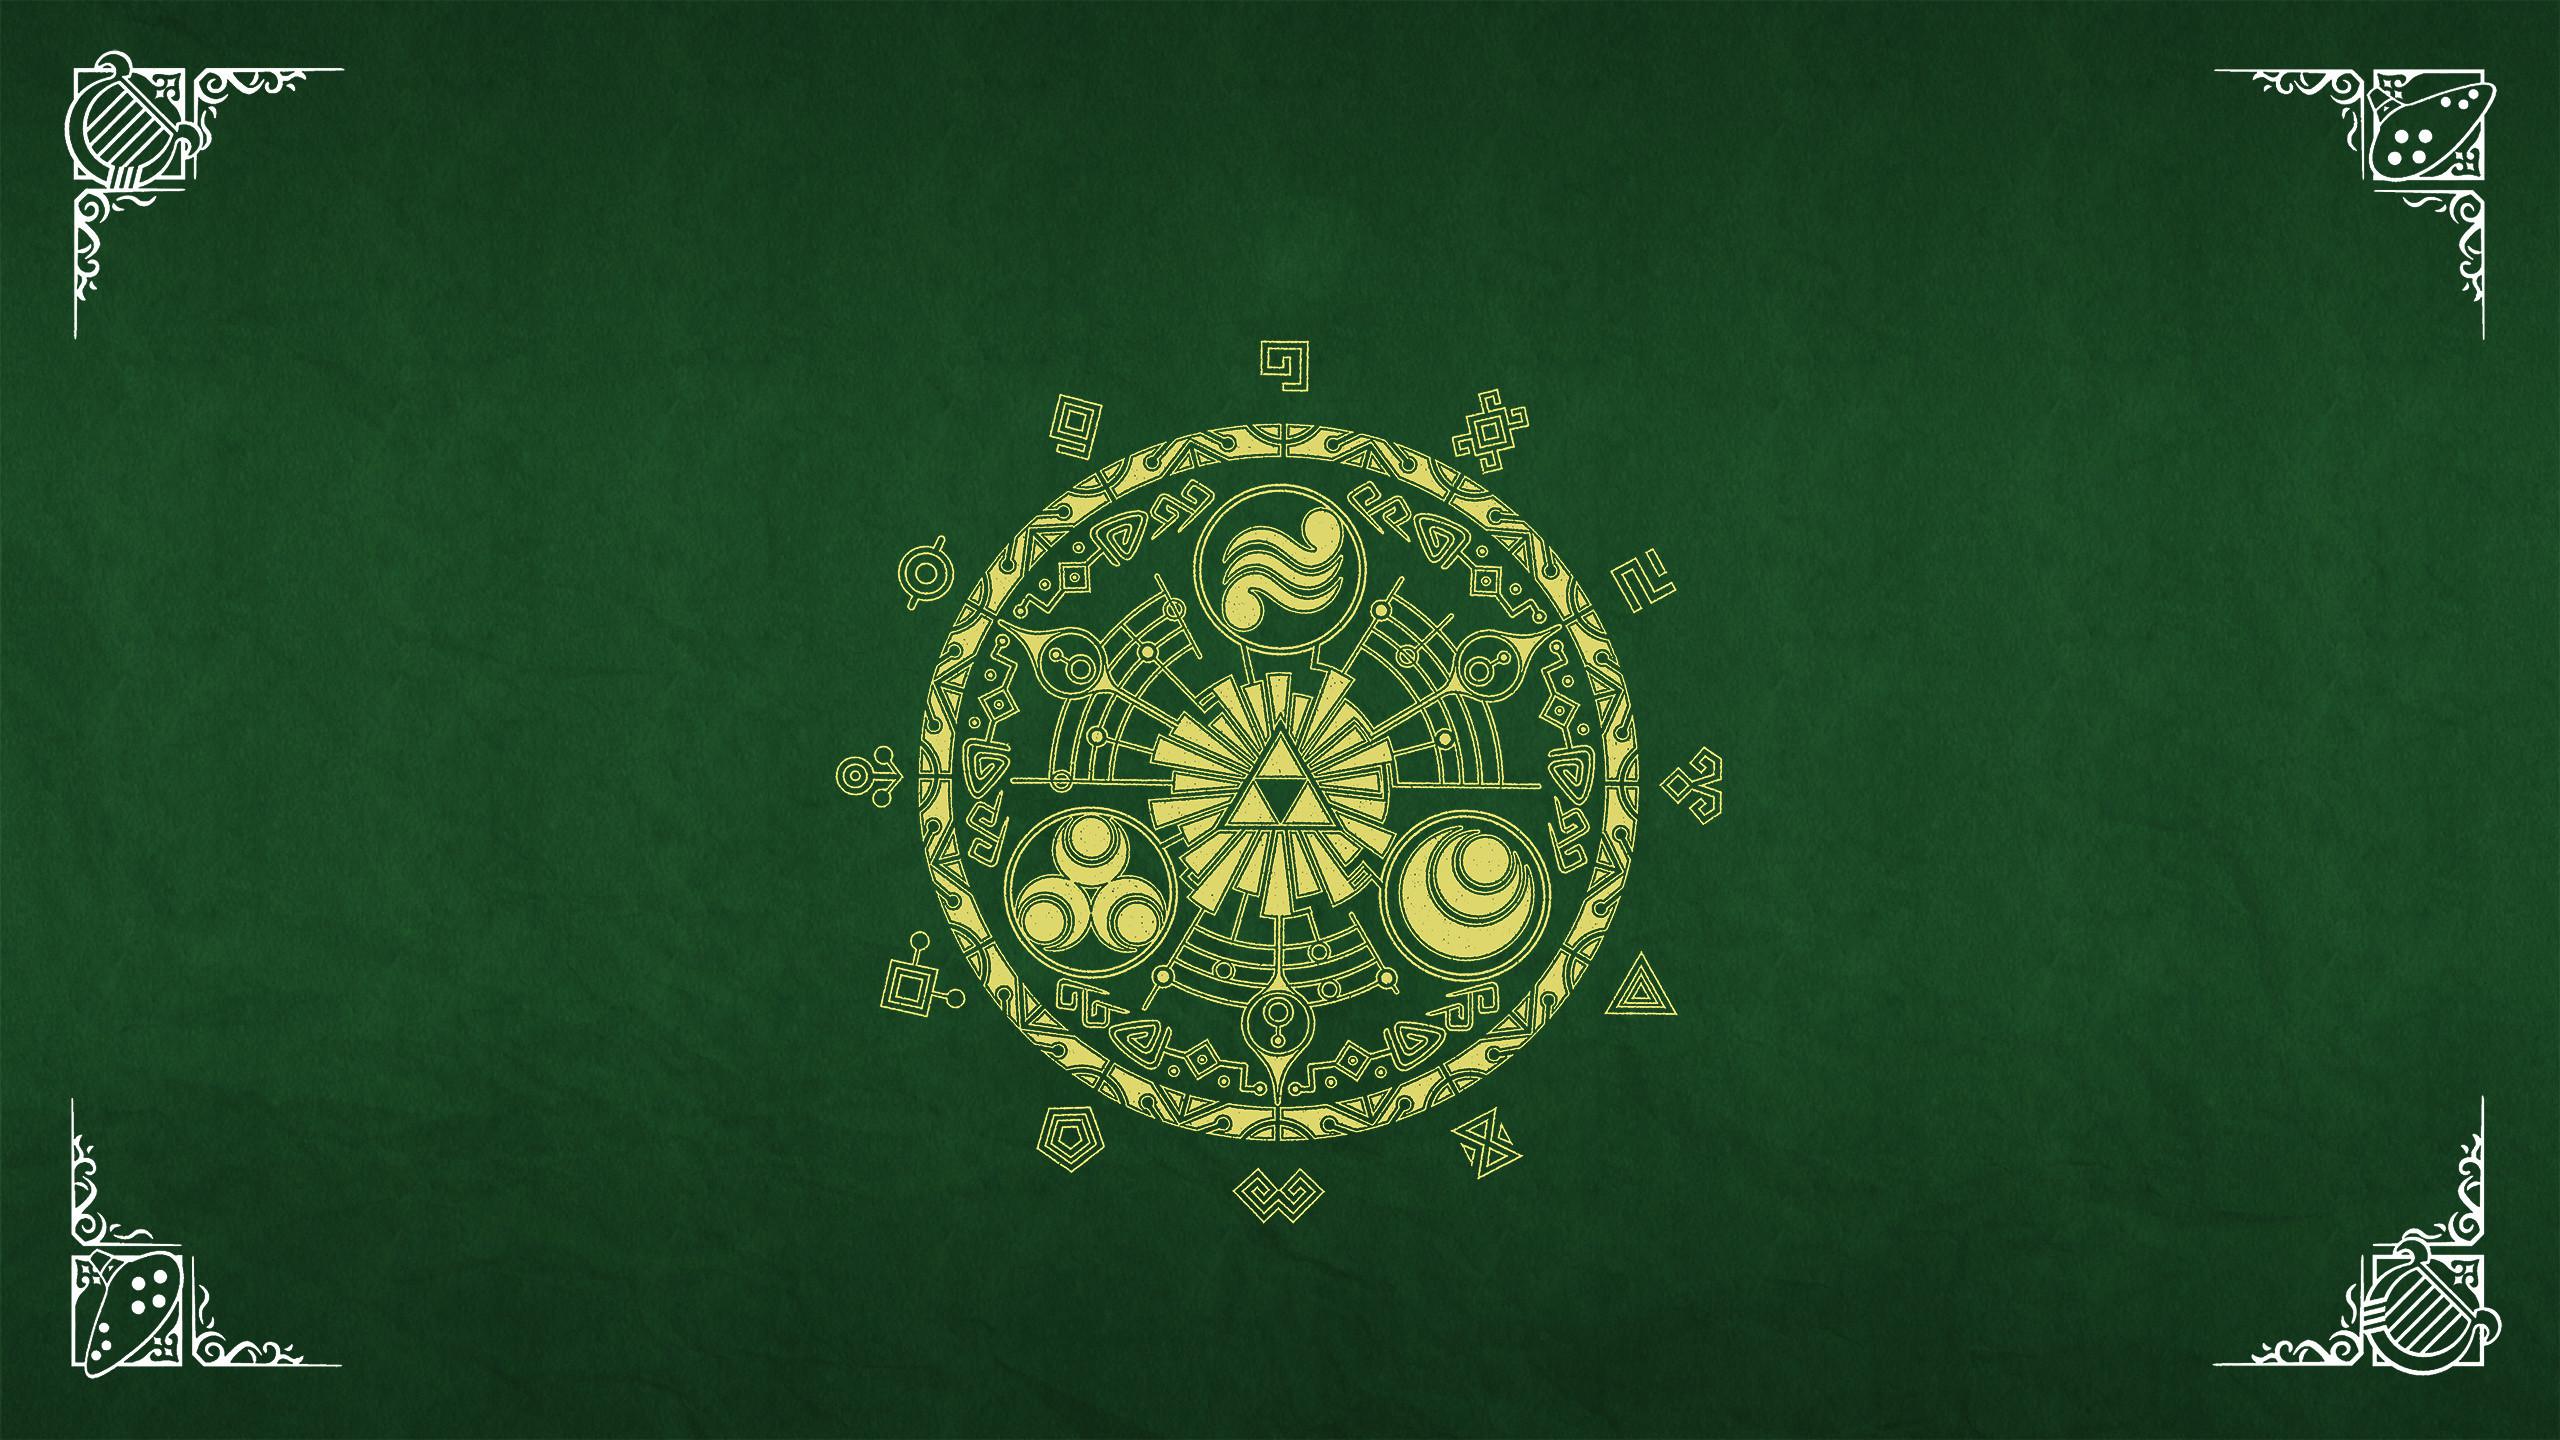 … zelda wallpaper hd on wallpaperget com …